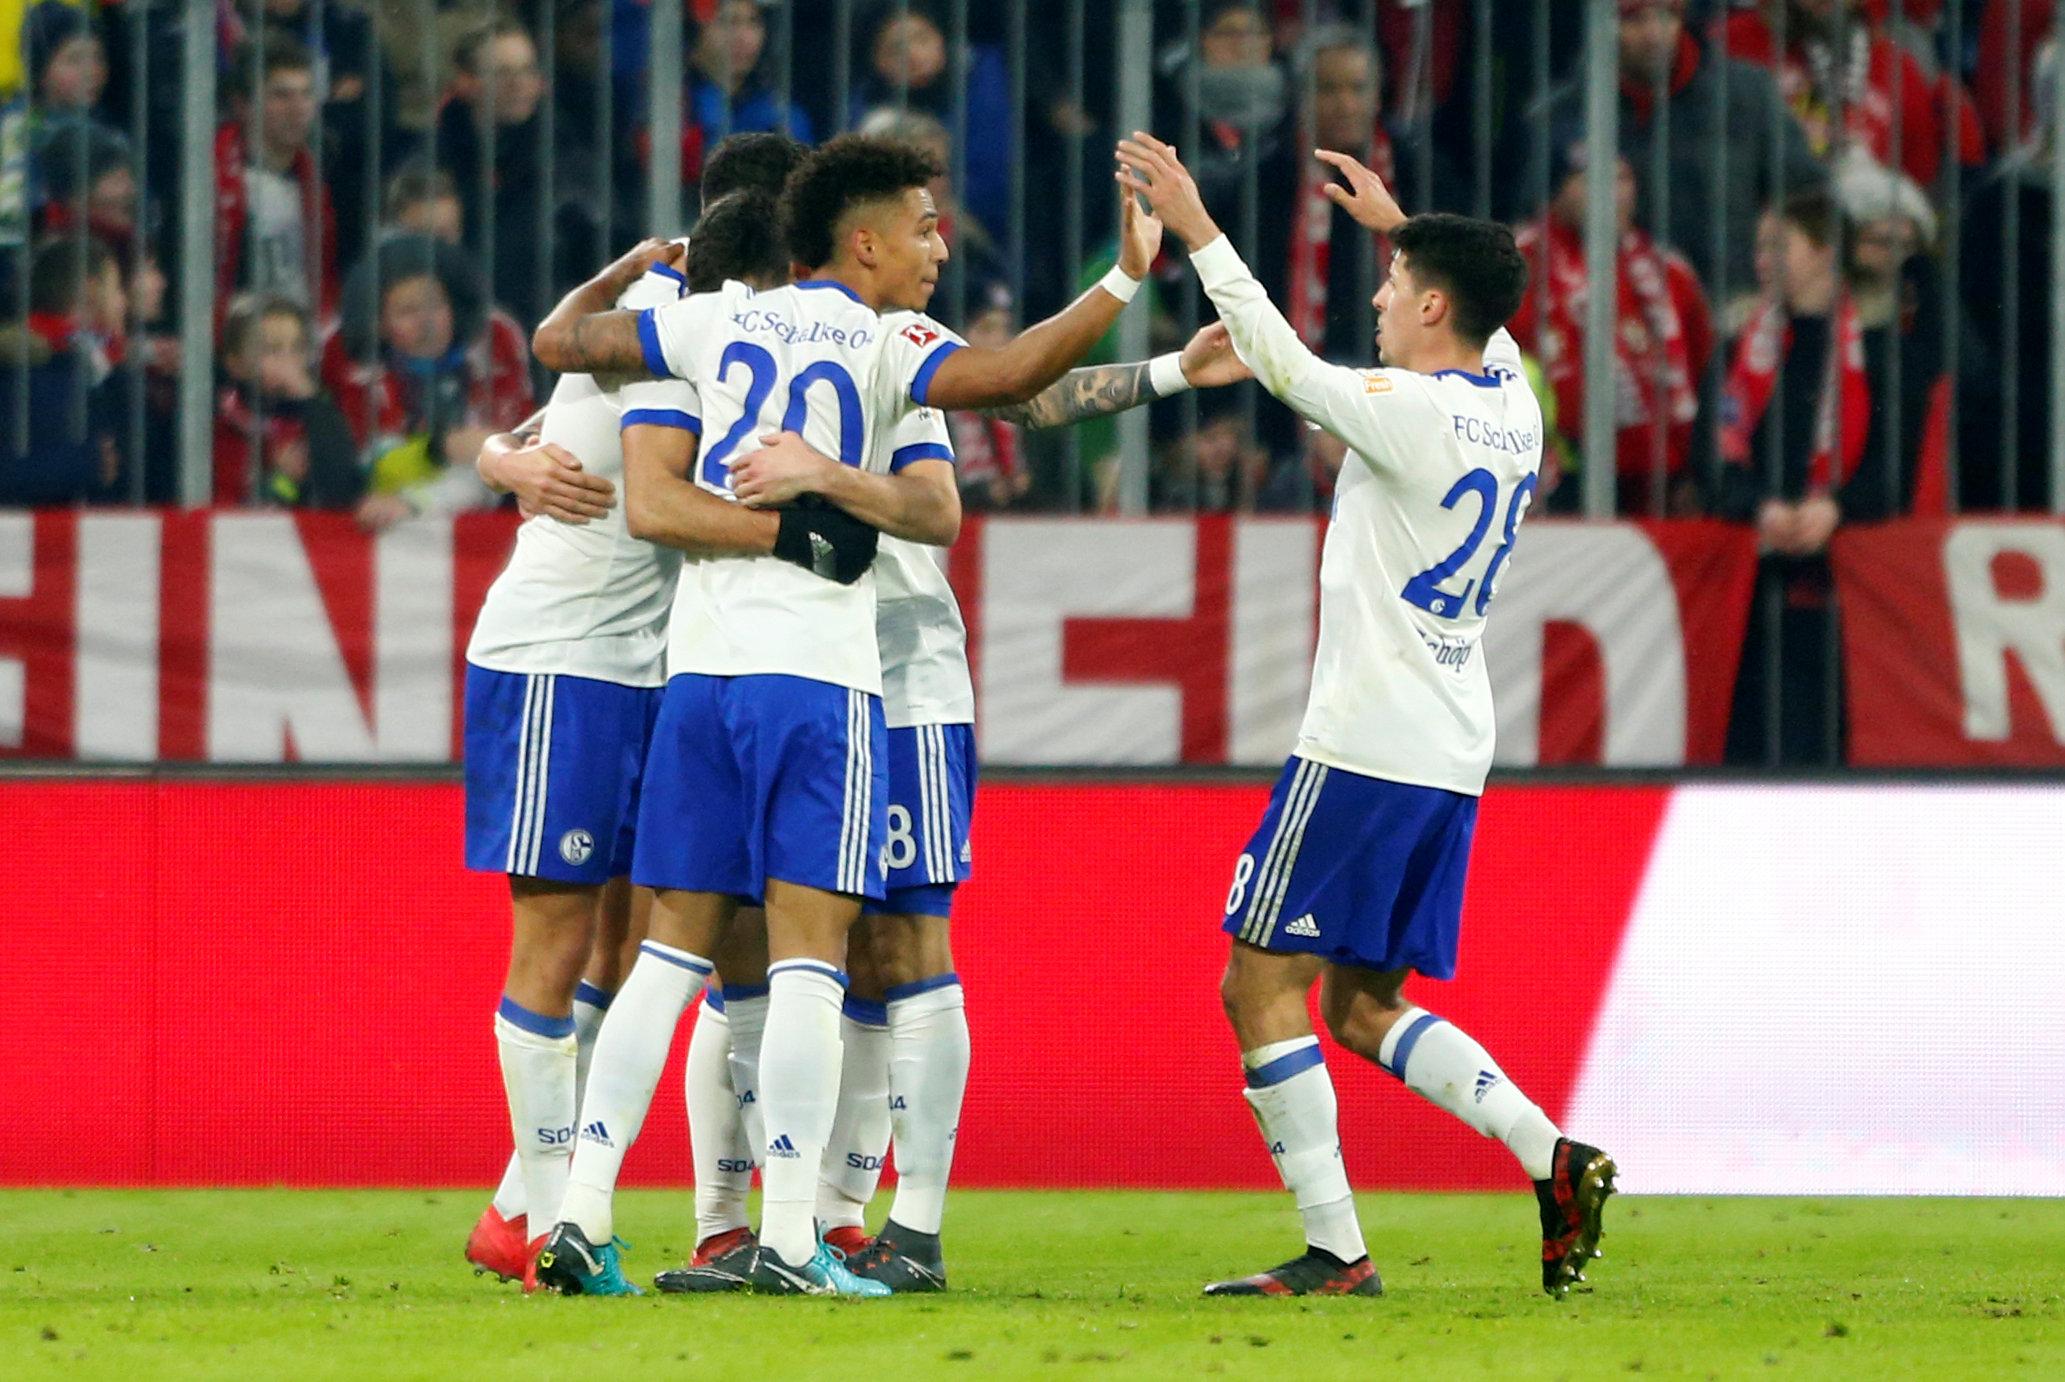 Niềm vui của các cầu thủ Schalke sau khi gỡ hòa 1-1. Ảnh: REUTERS